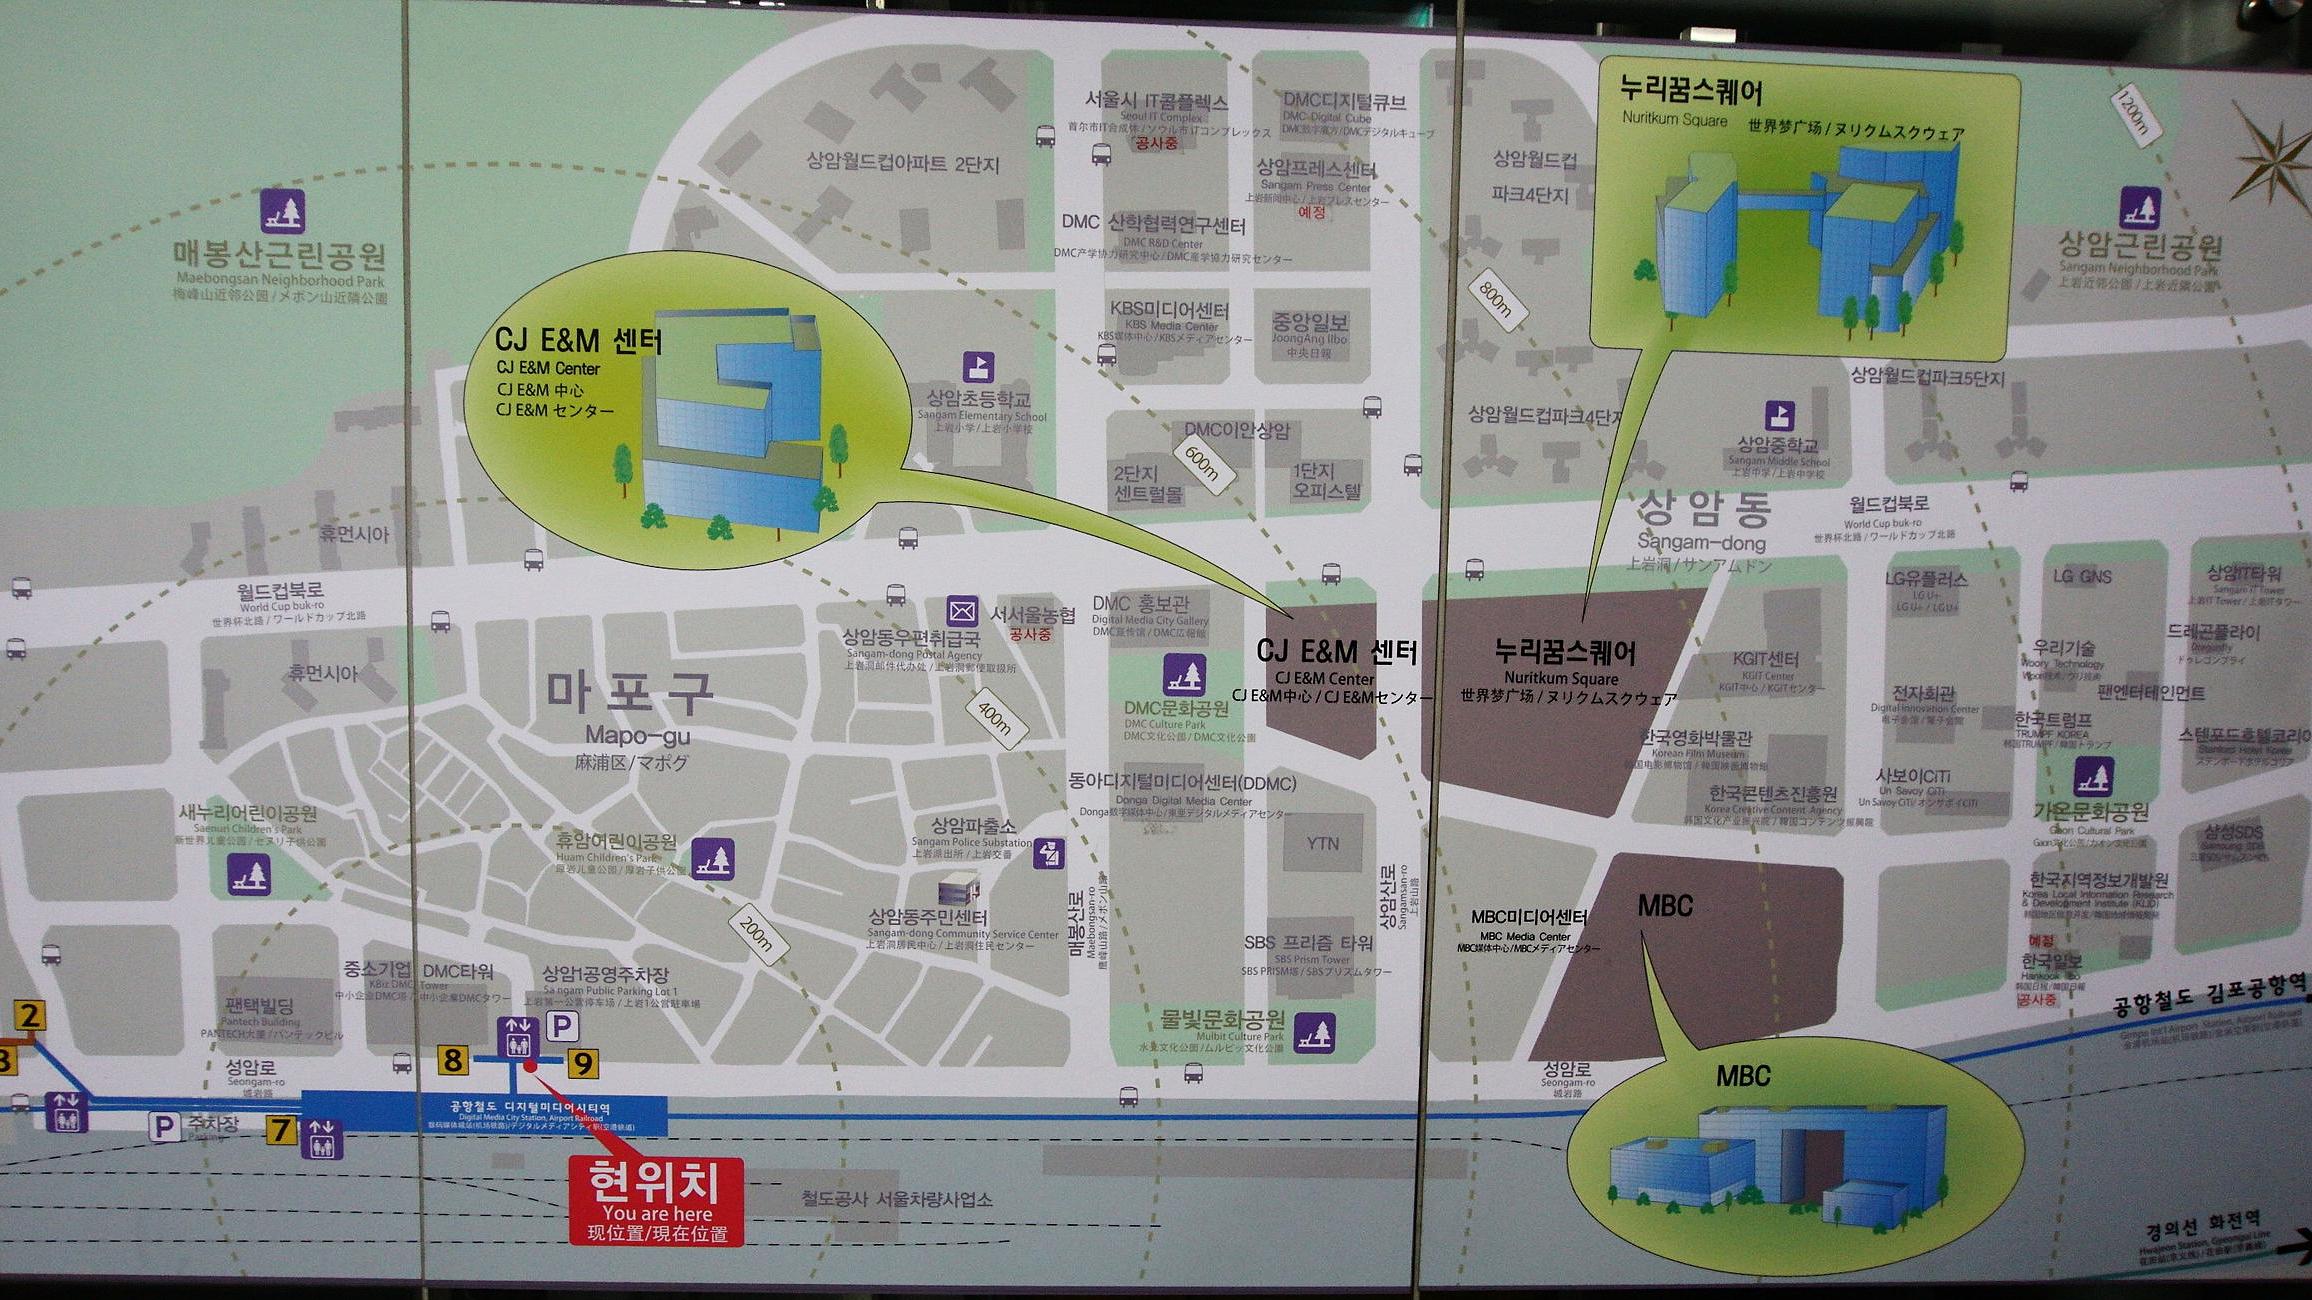 Digital Media City map